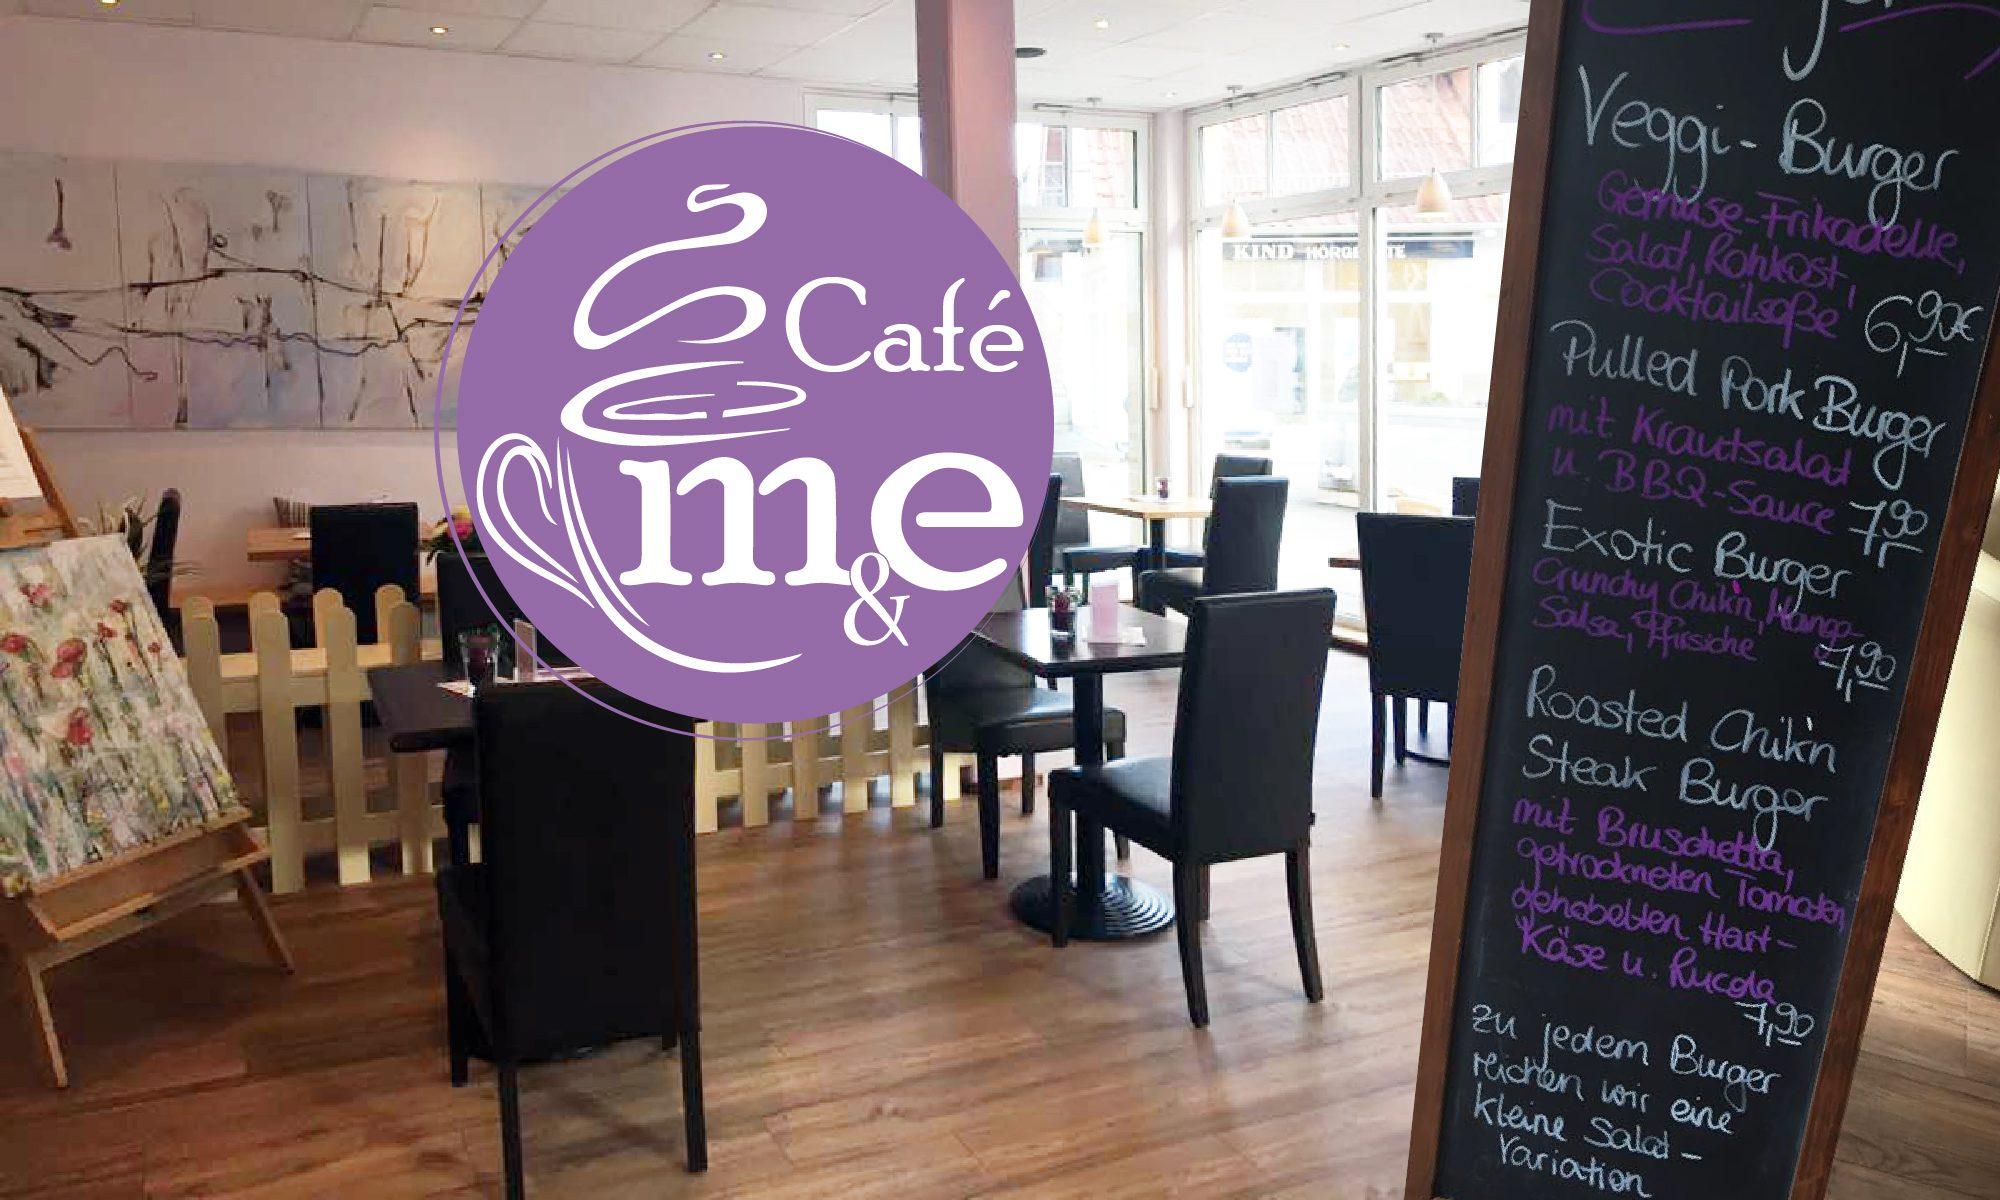 Cafe m&e